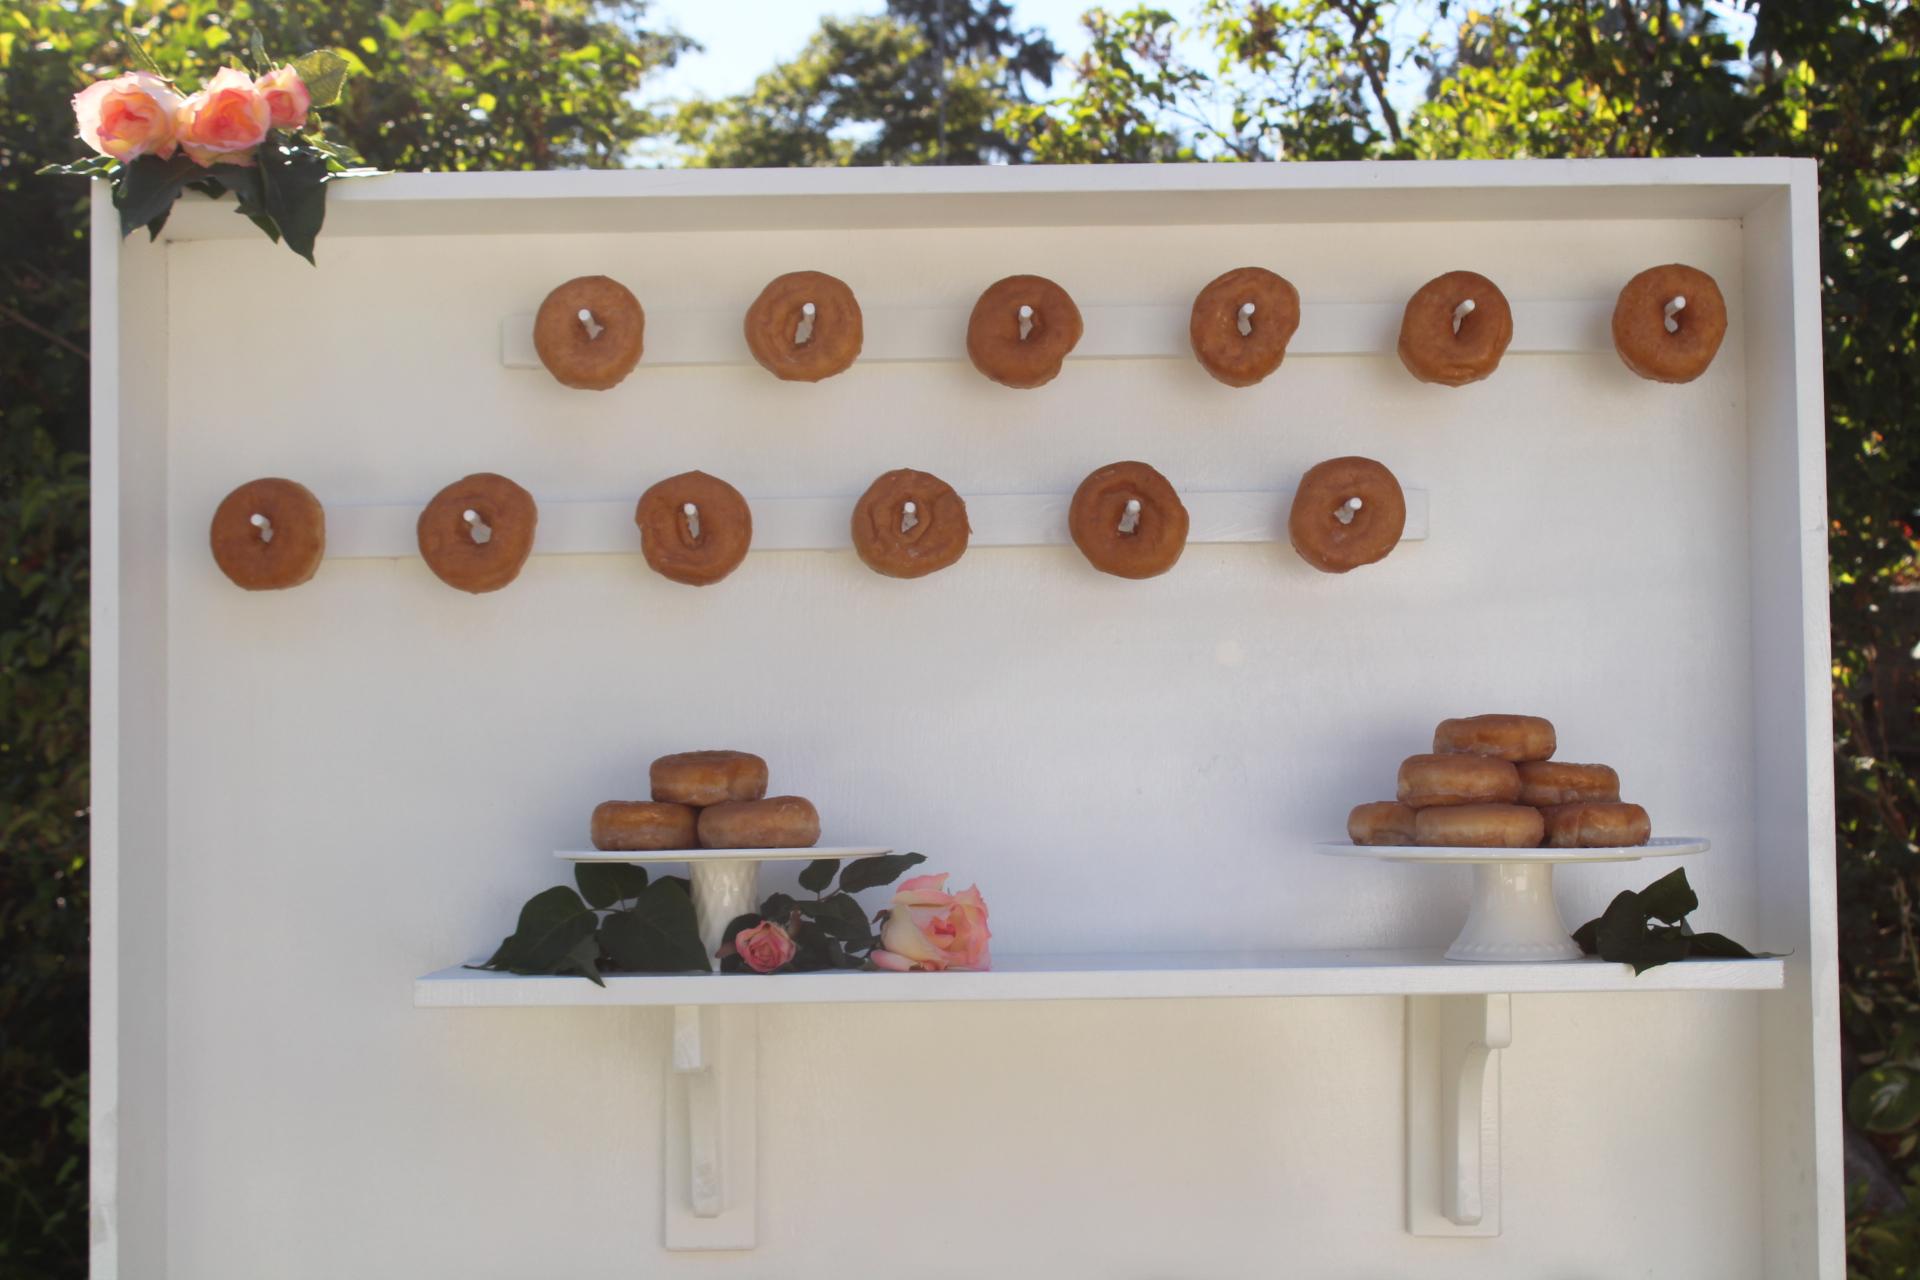 Donut_Wall_16